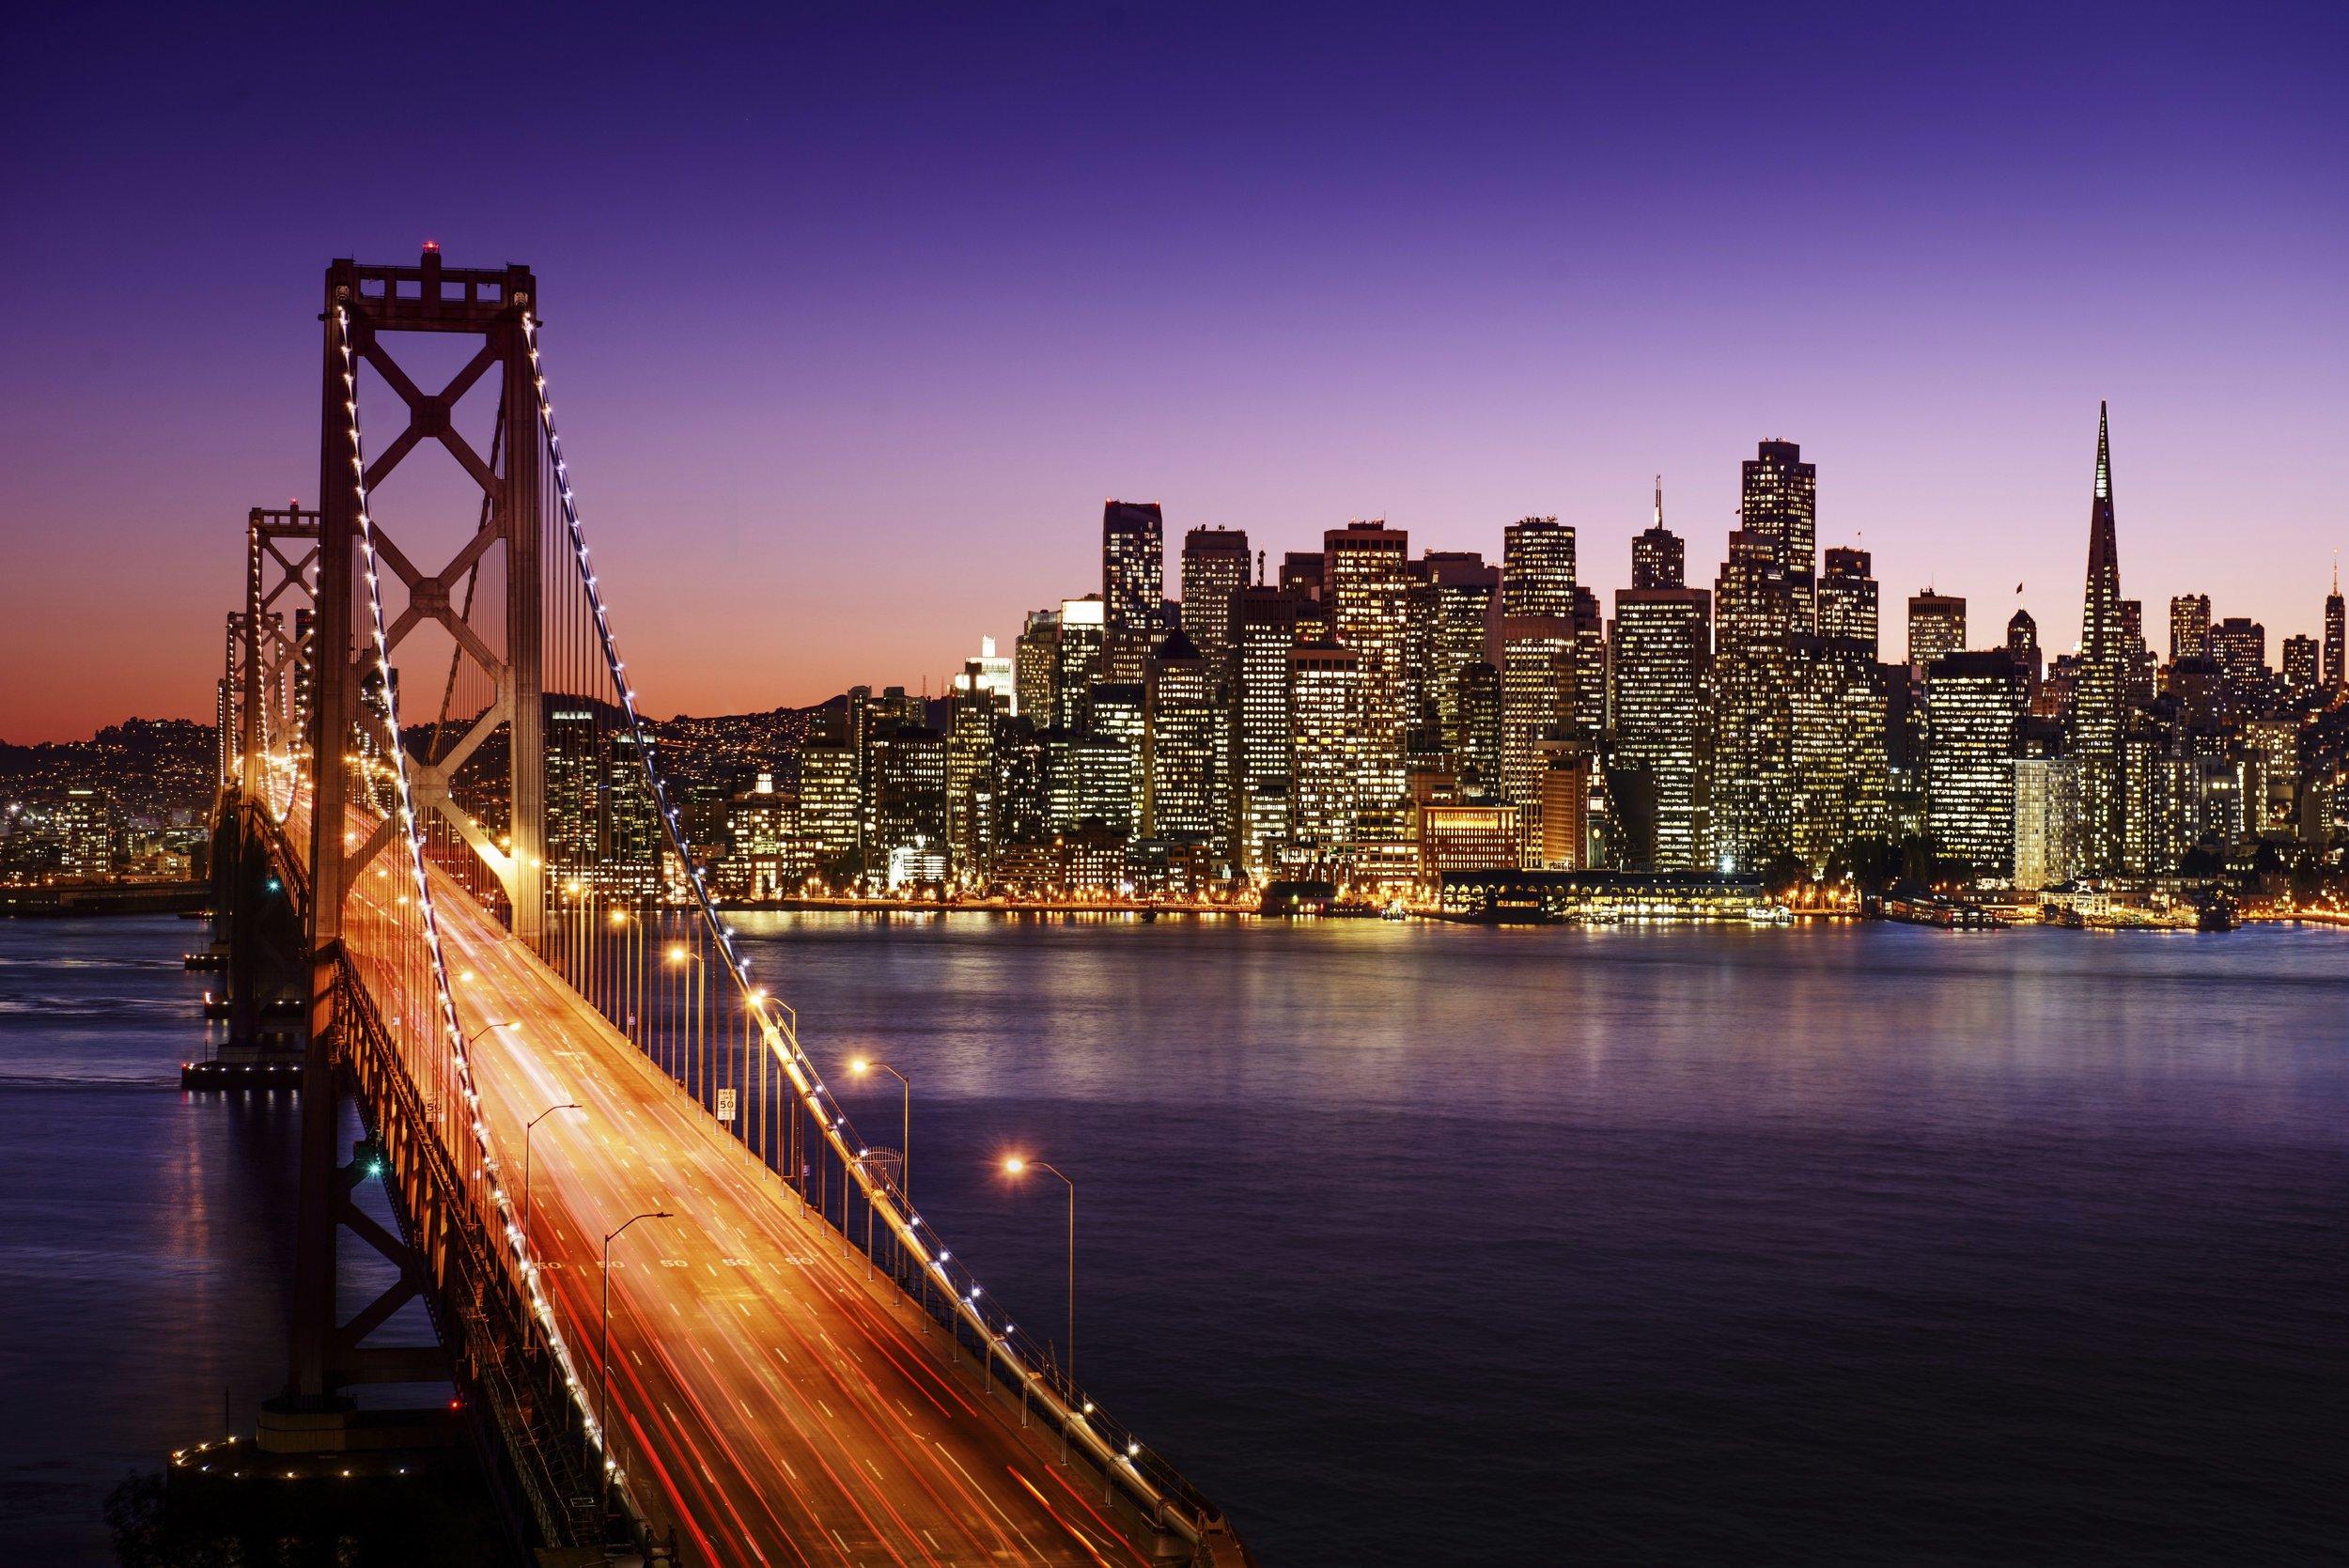 FSN SAN FRANCISCO - Part of the FSN LIVE network